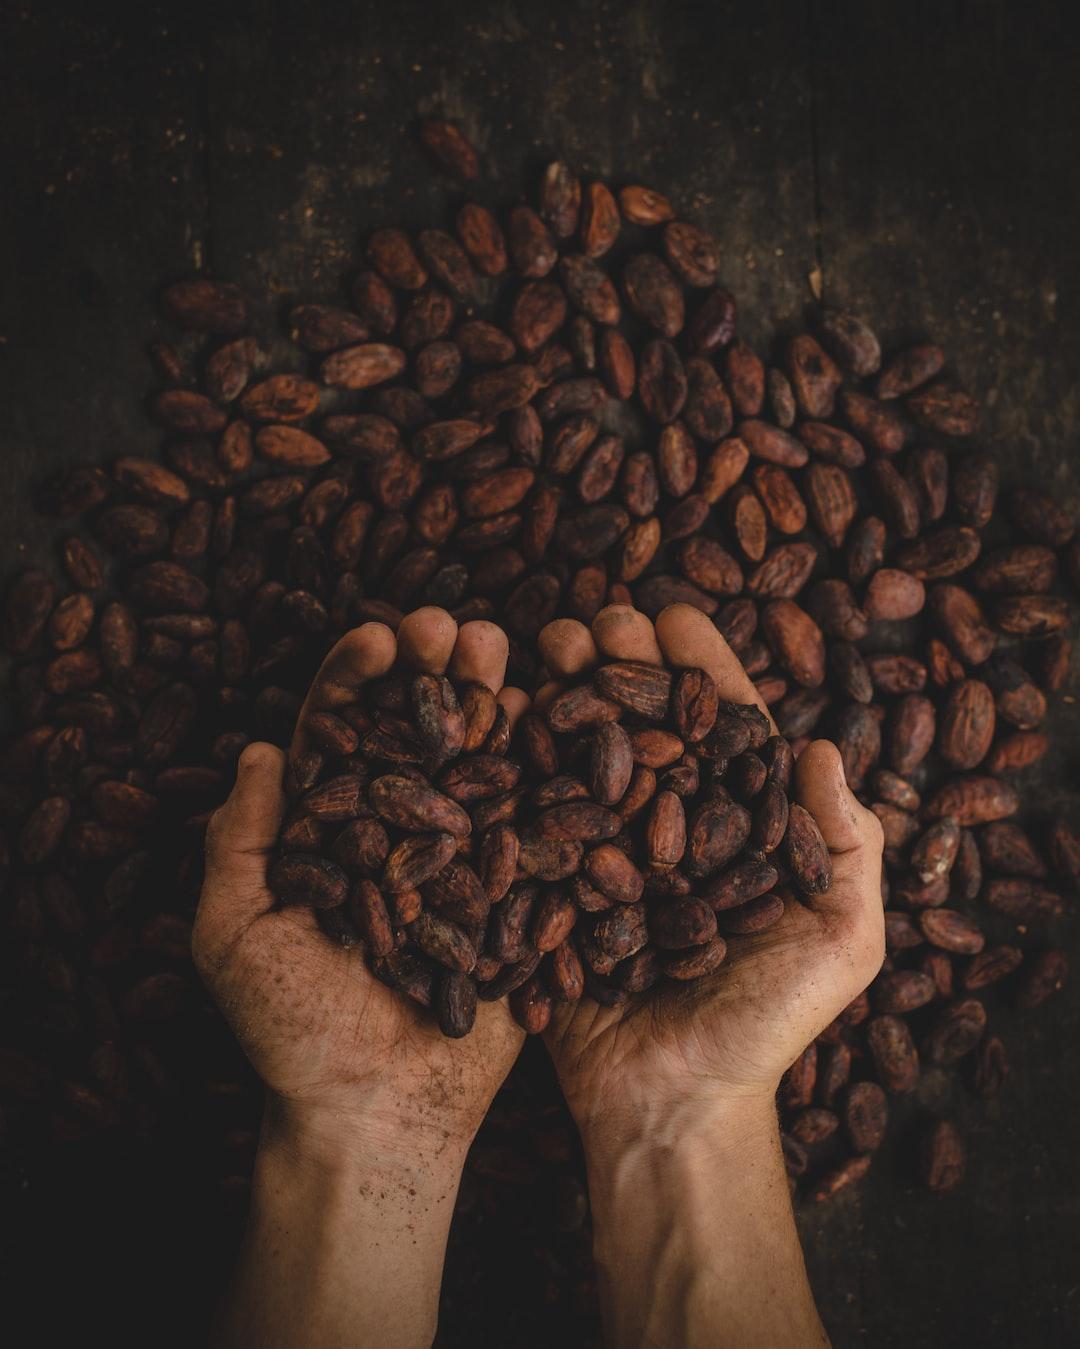 Voordelen van koffie